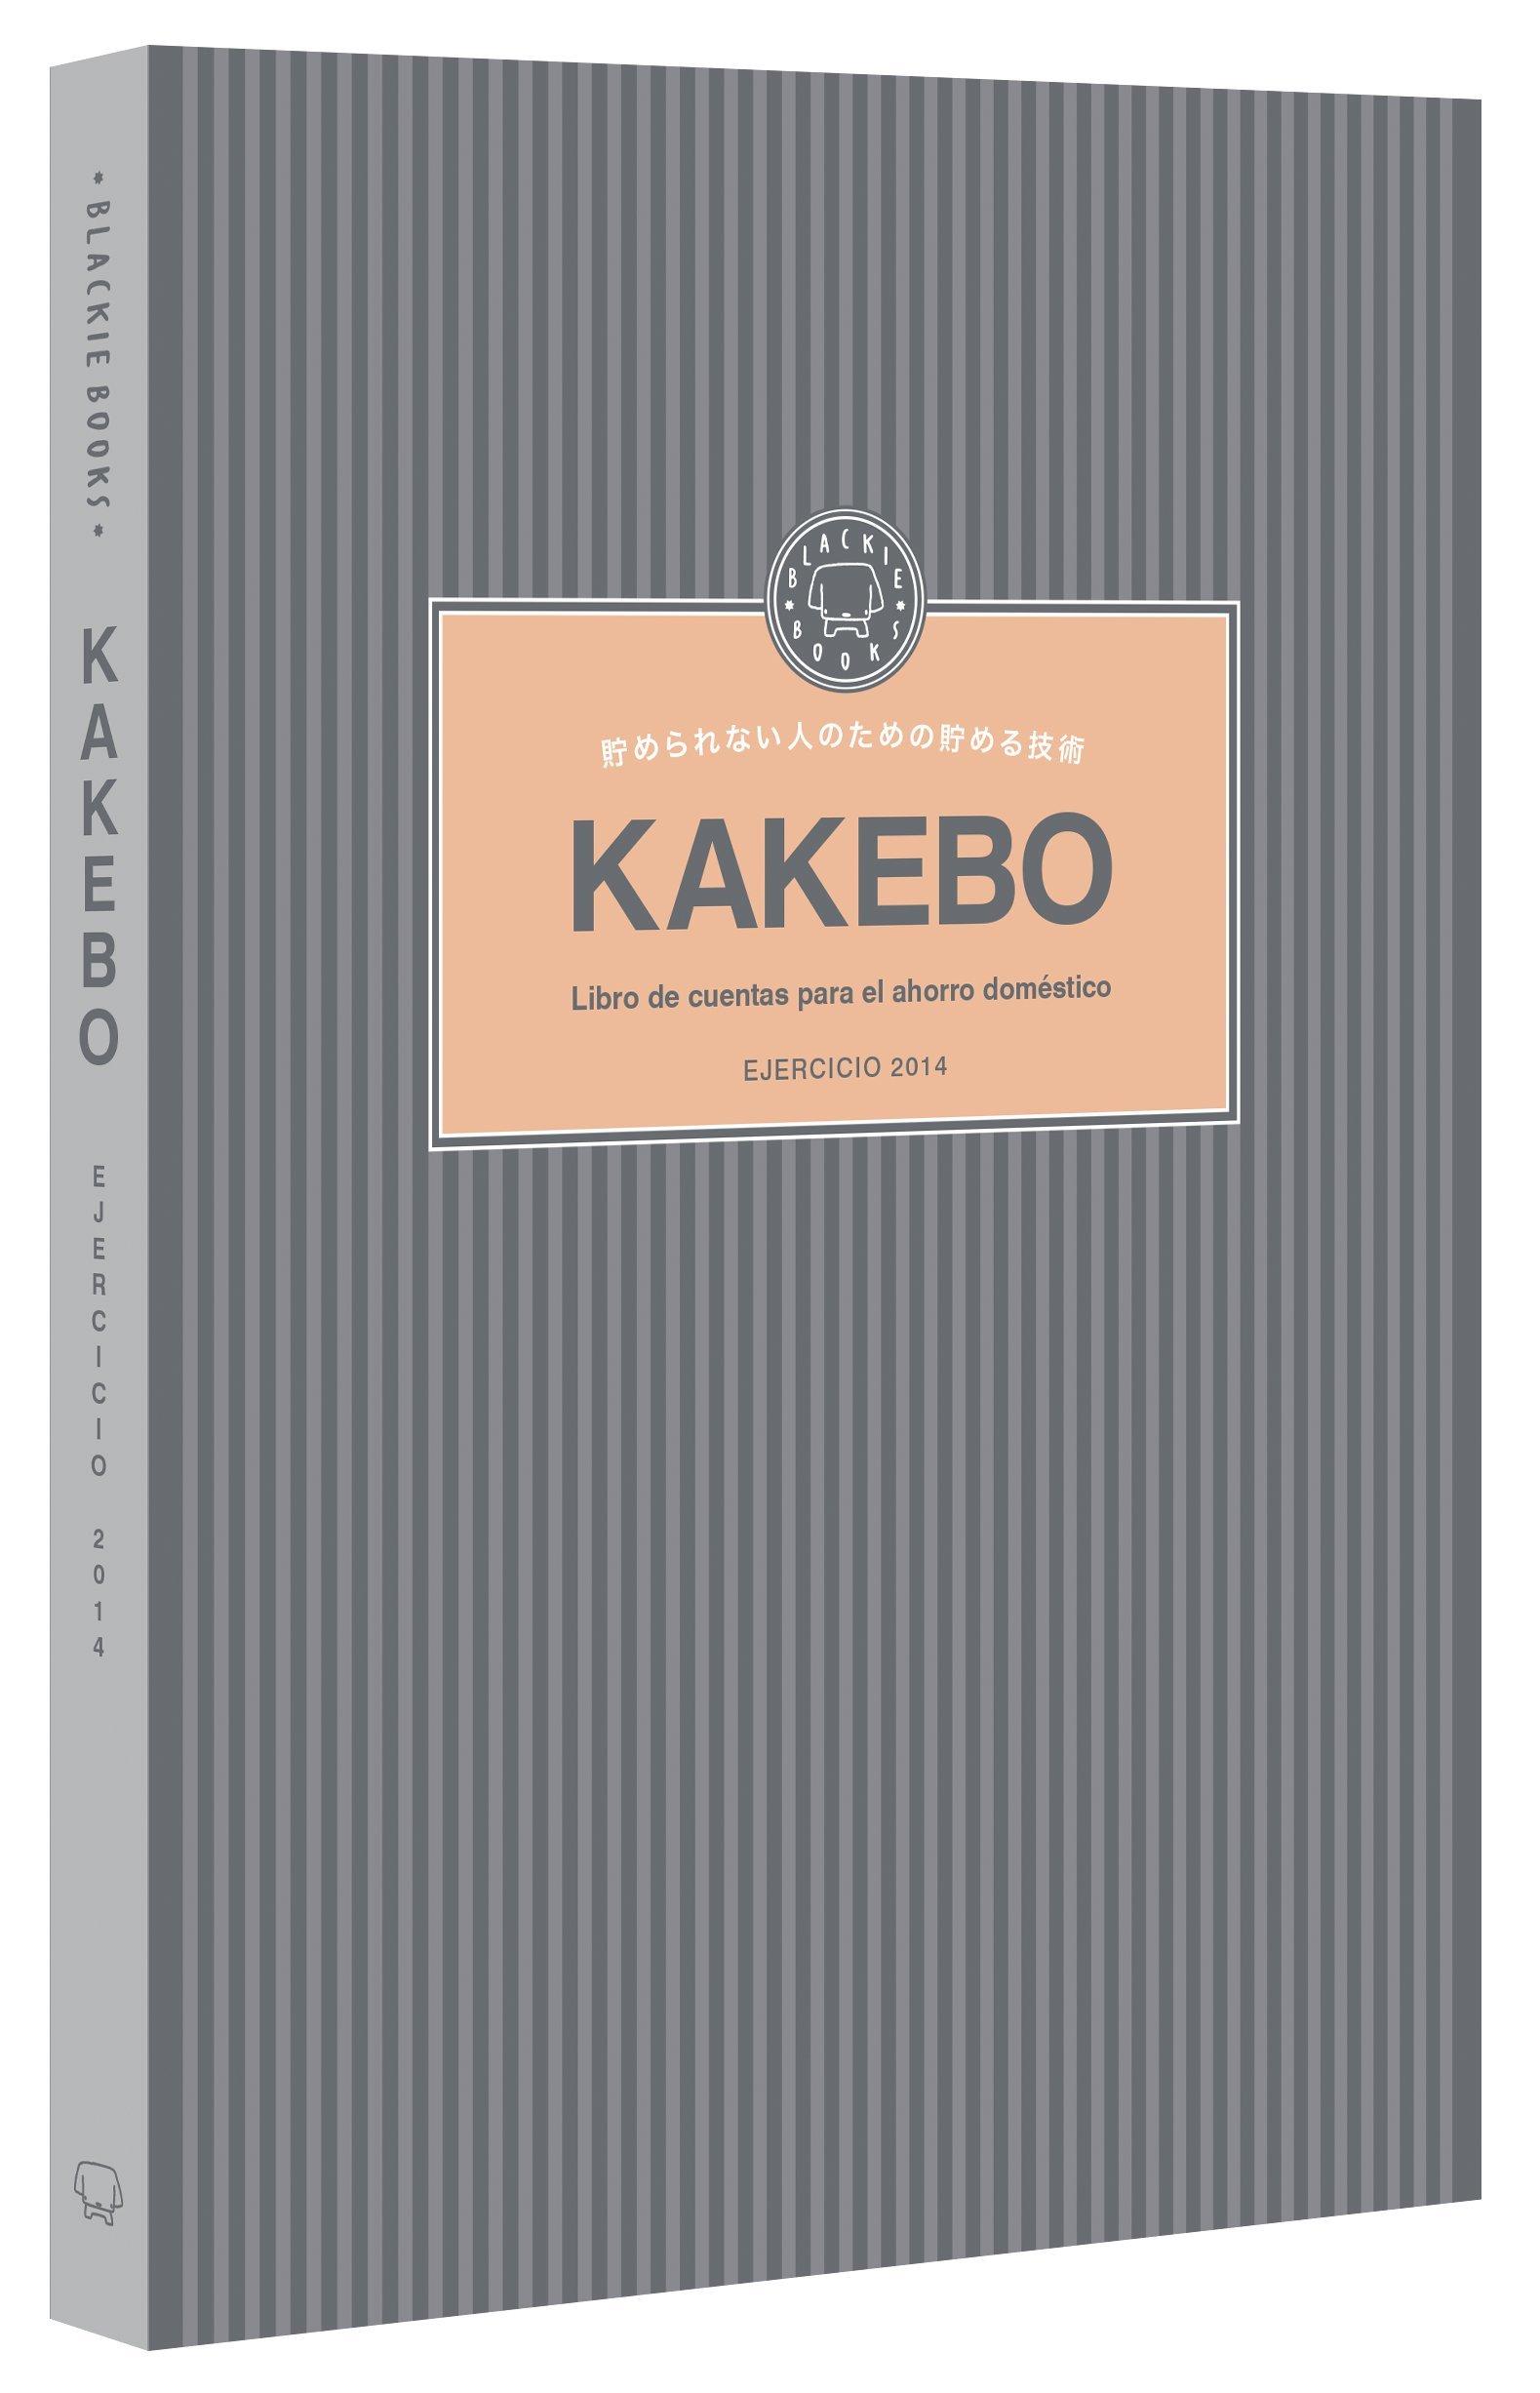 Kakebo Blackie Books: Libro de cuentas para el ahorro ...